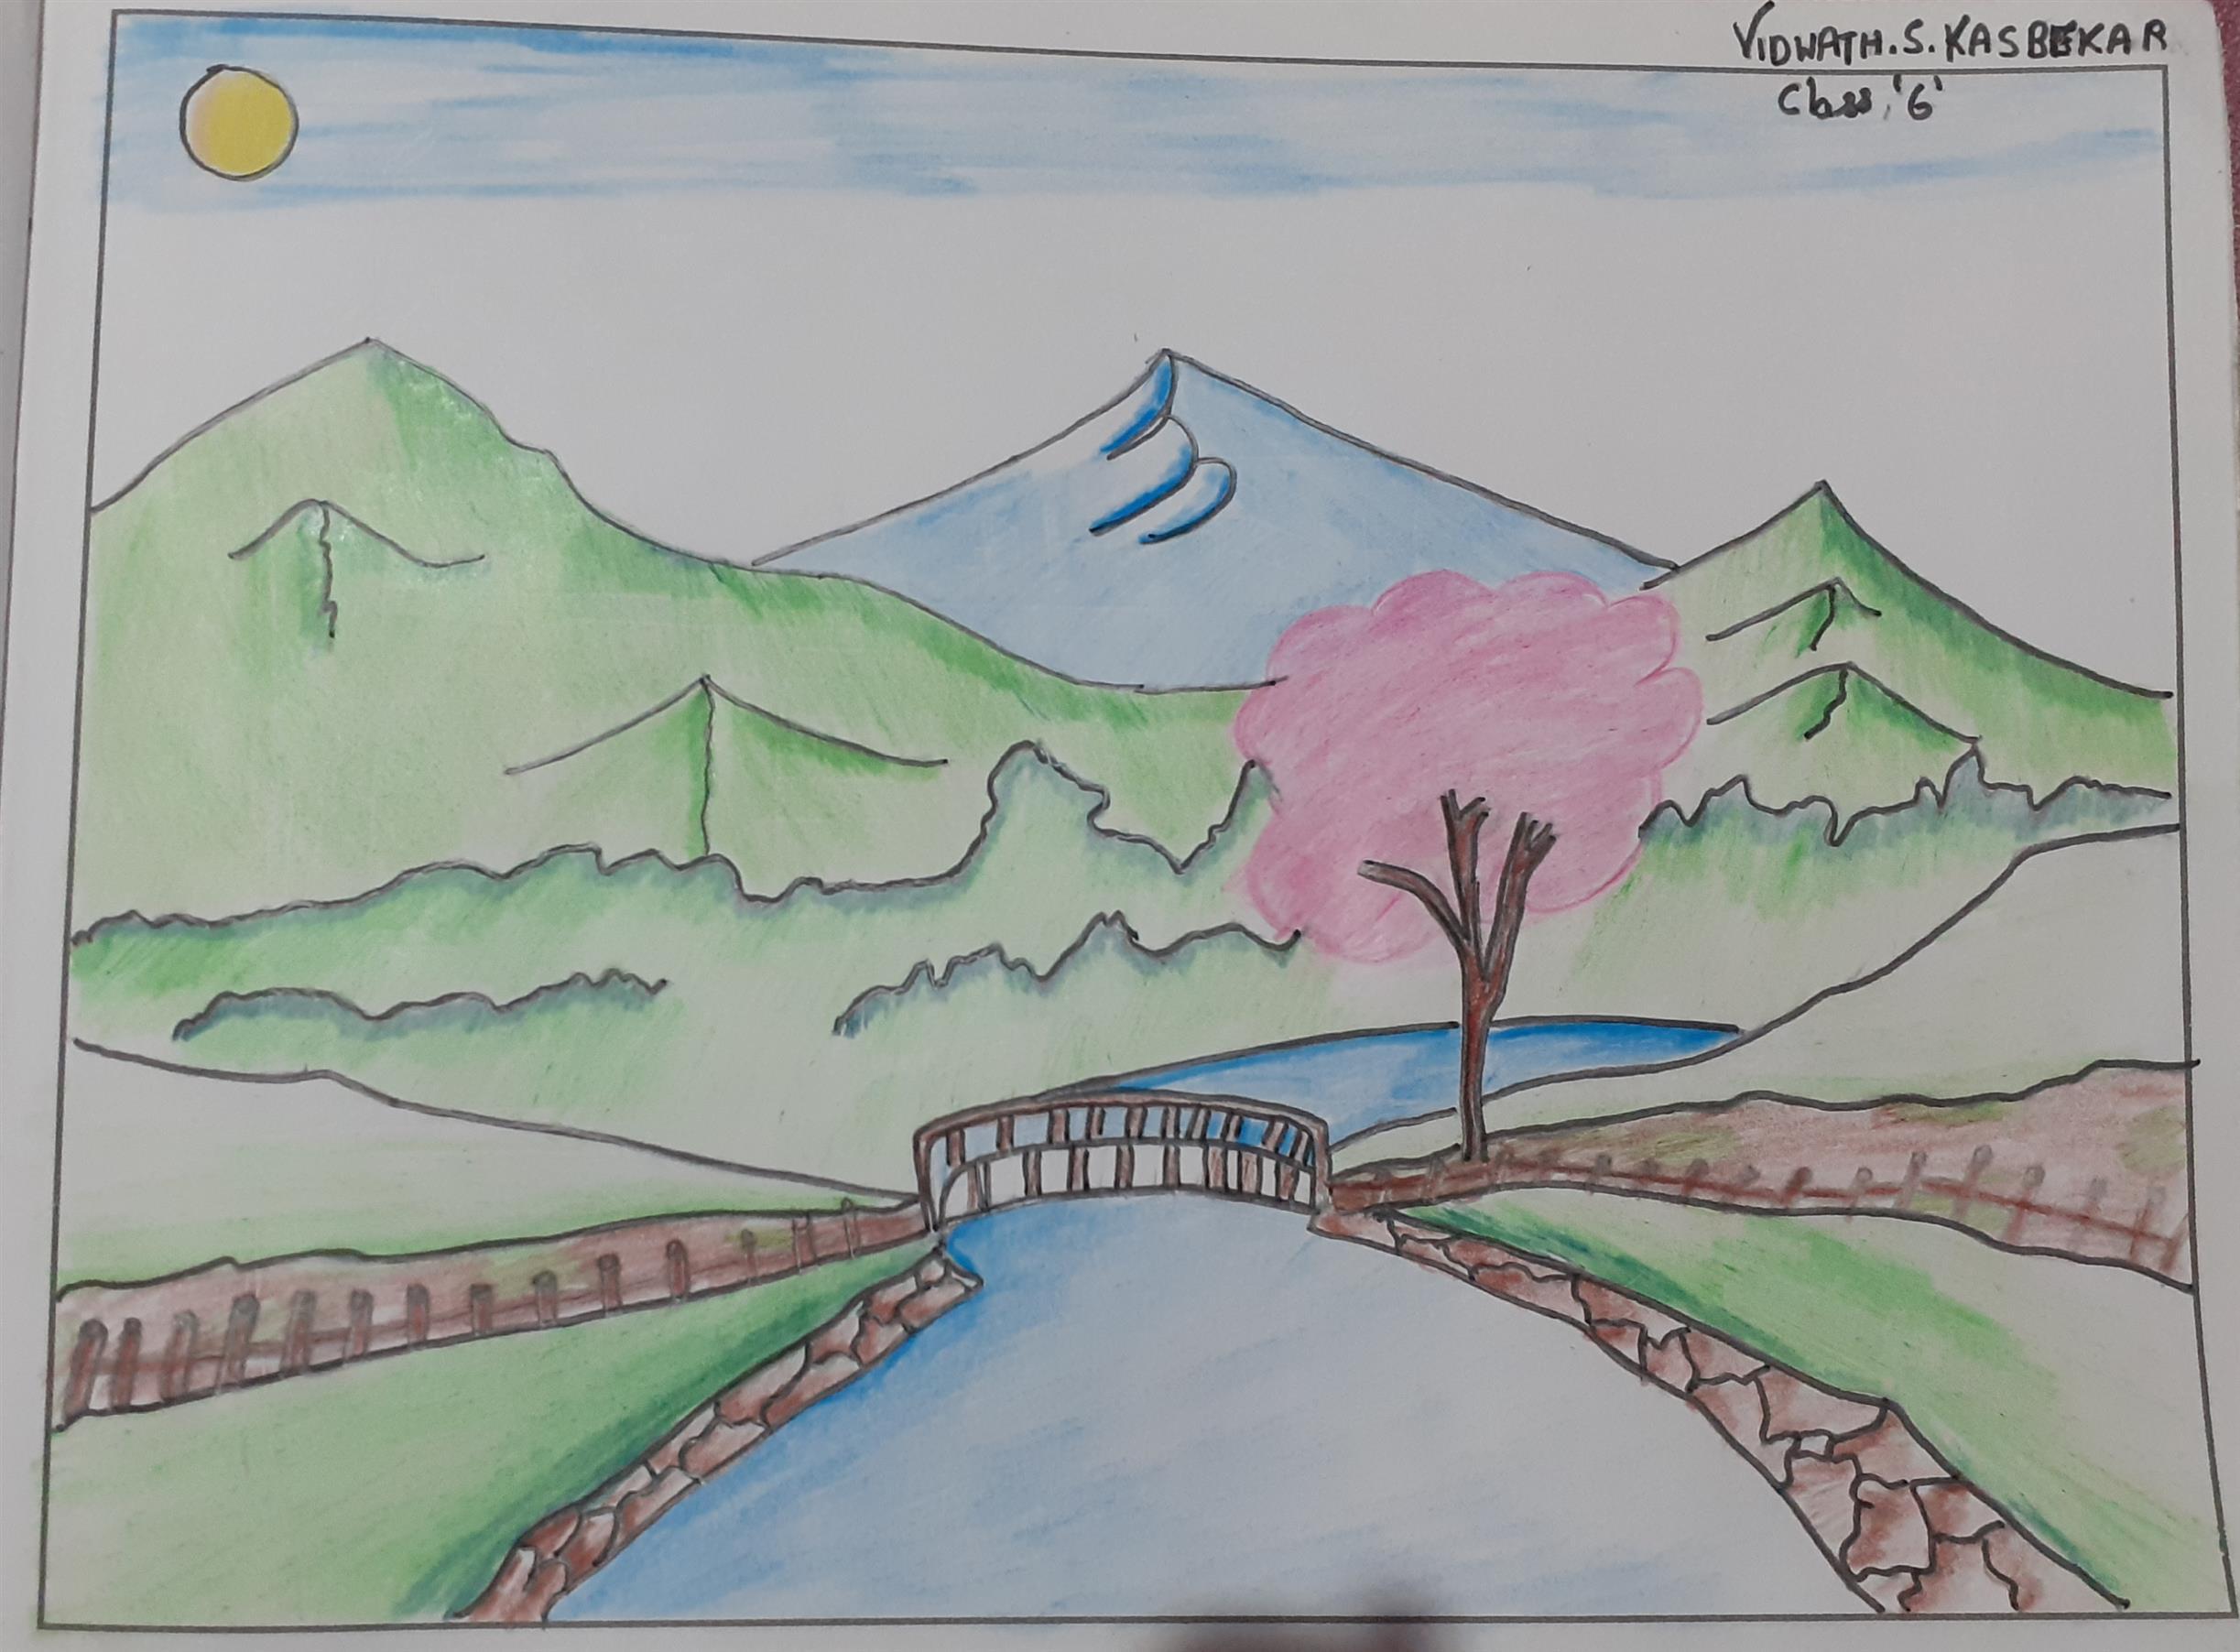 HILLVIEW: Vidwath.S Kasbekar